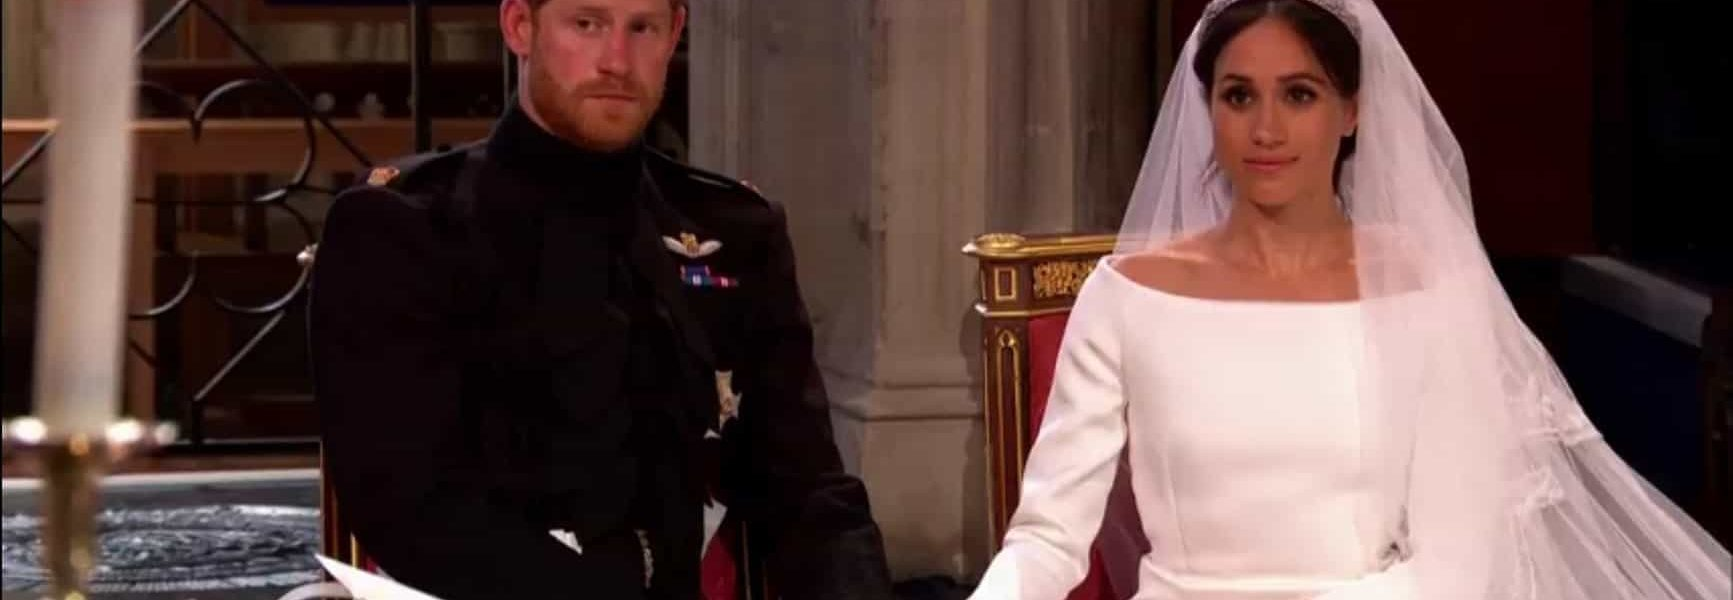 חתונת מייגן והארי: הנסיכה דיאנה ודאי הייתה גאה